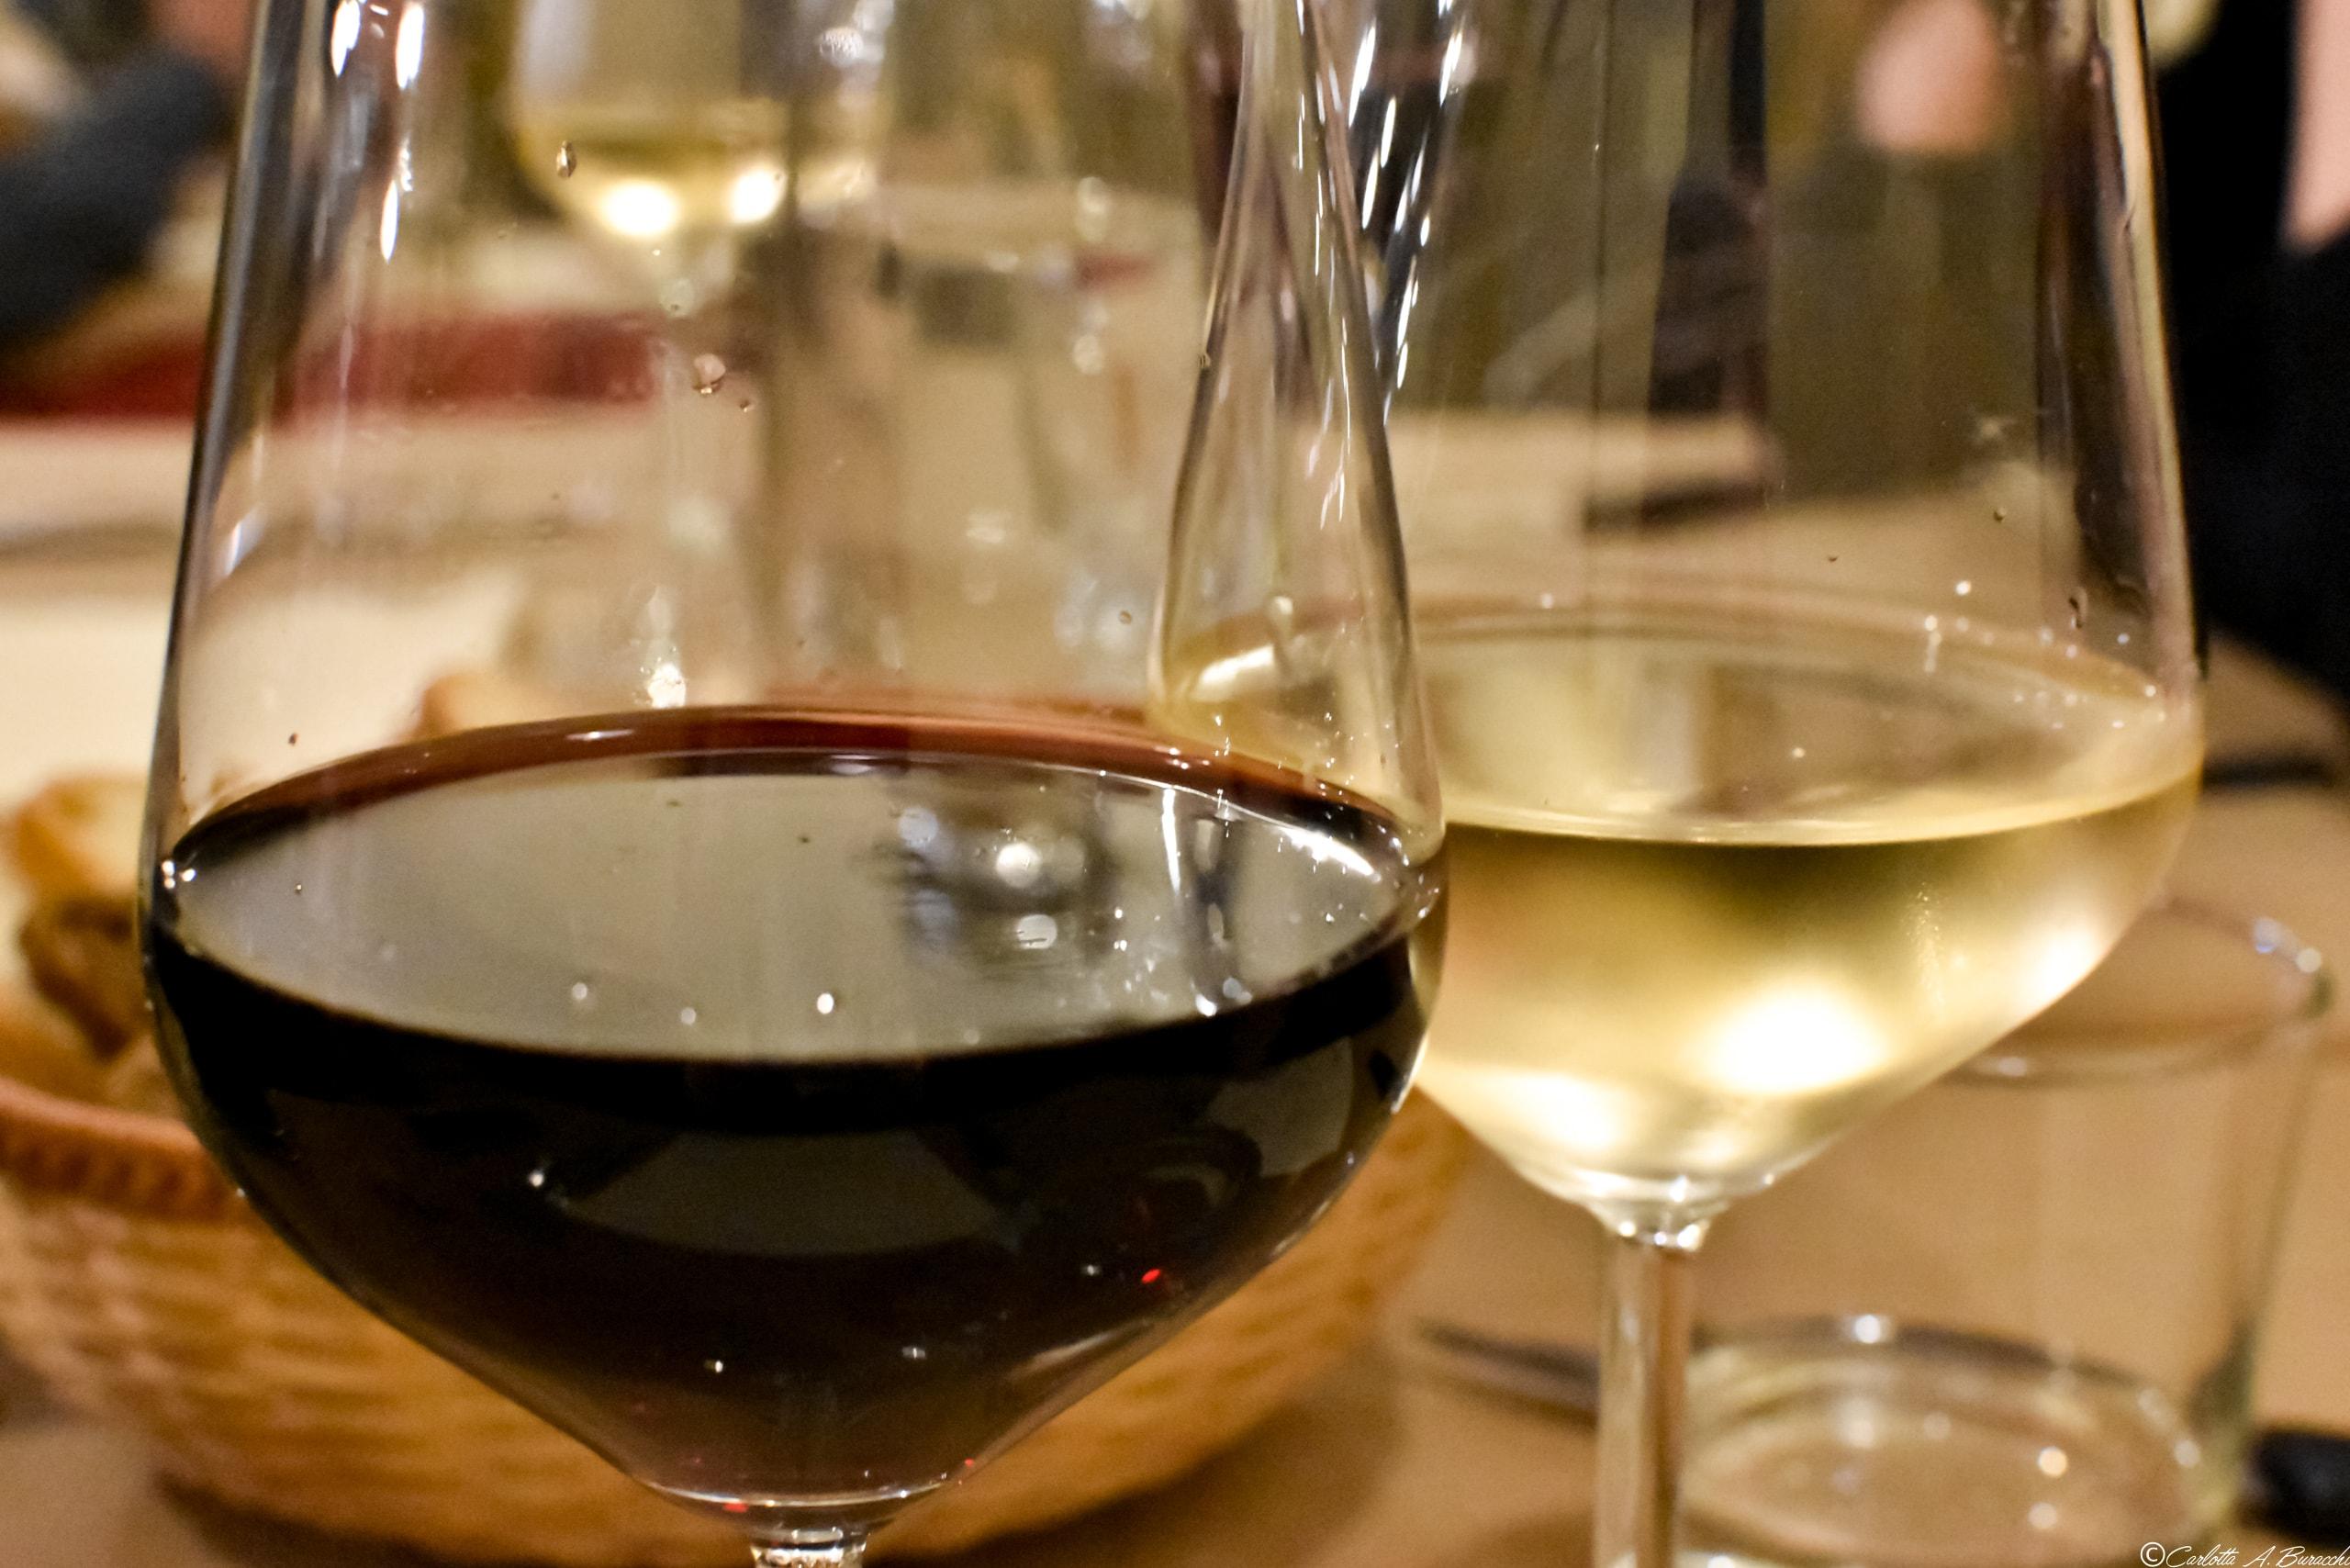 Vini, Ristorante Tortello Divino, Arezzo